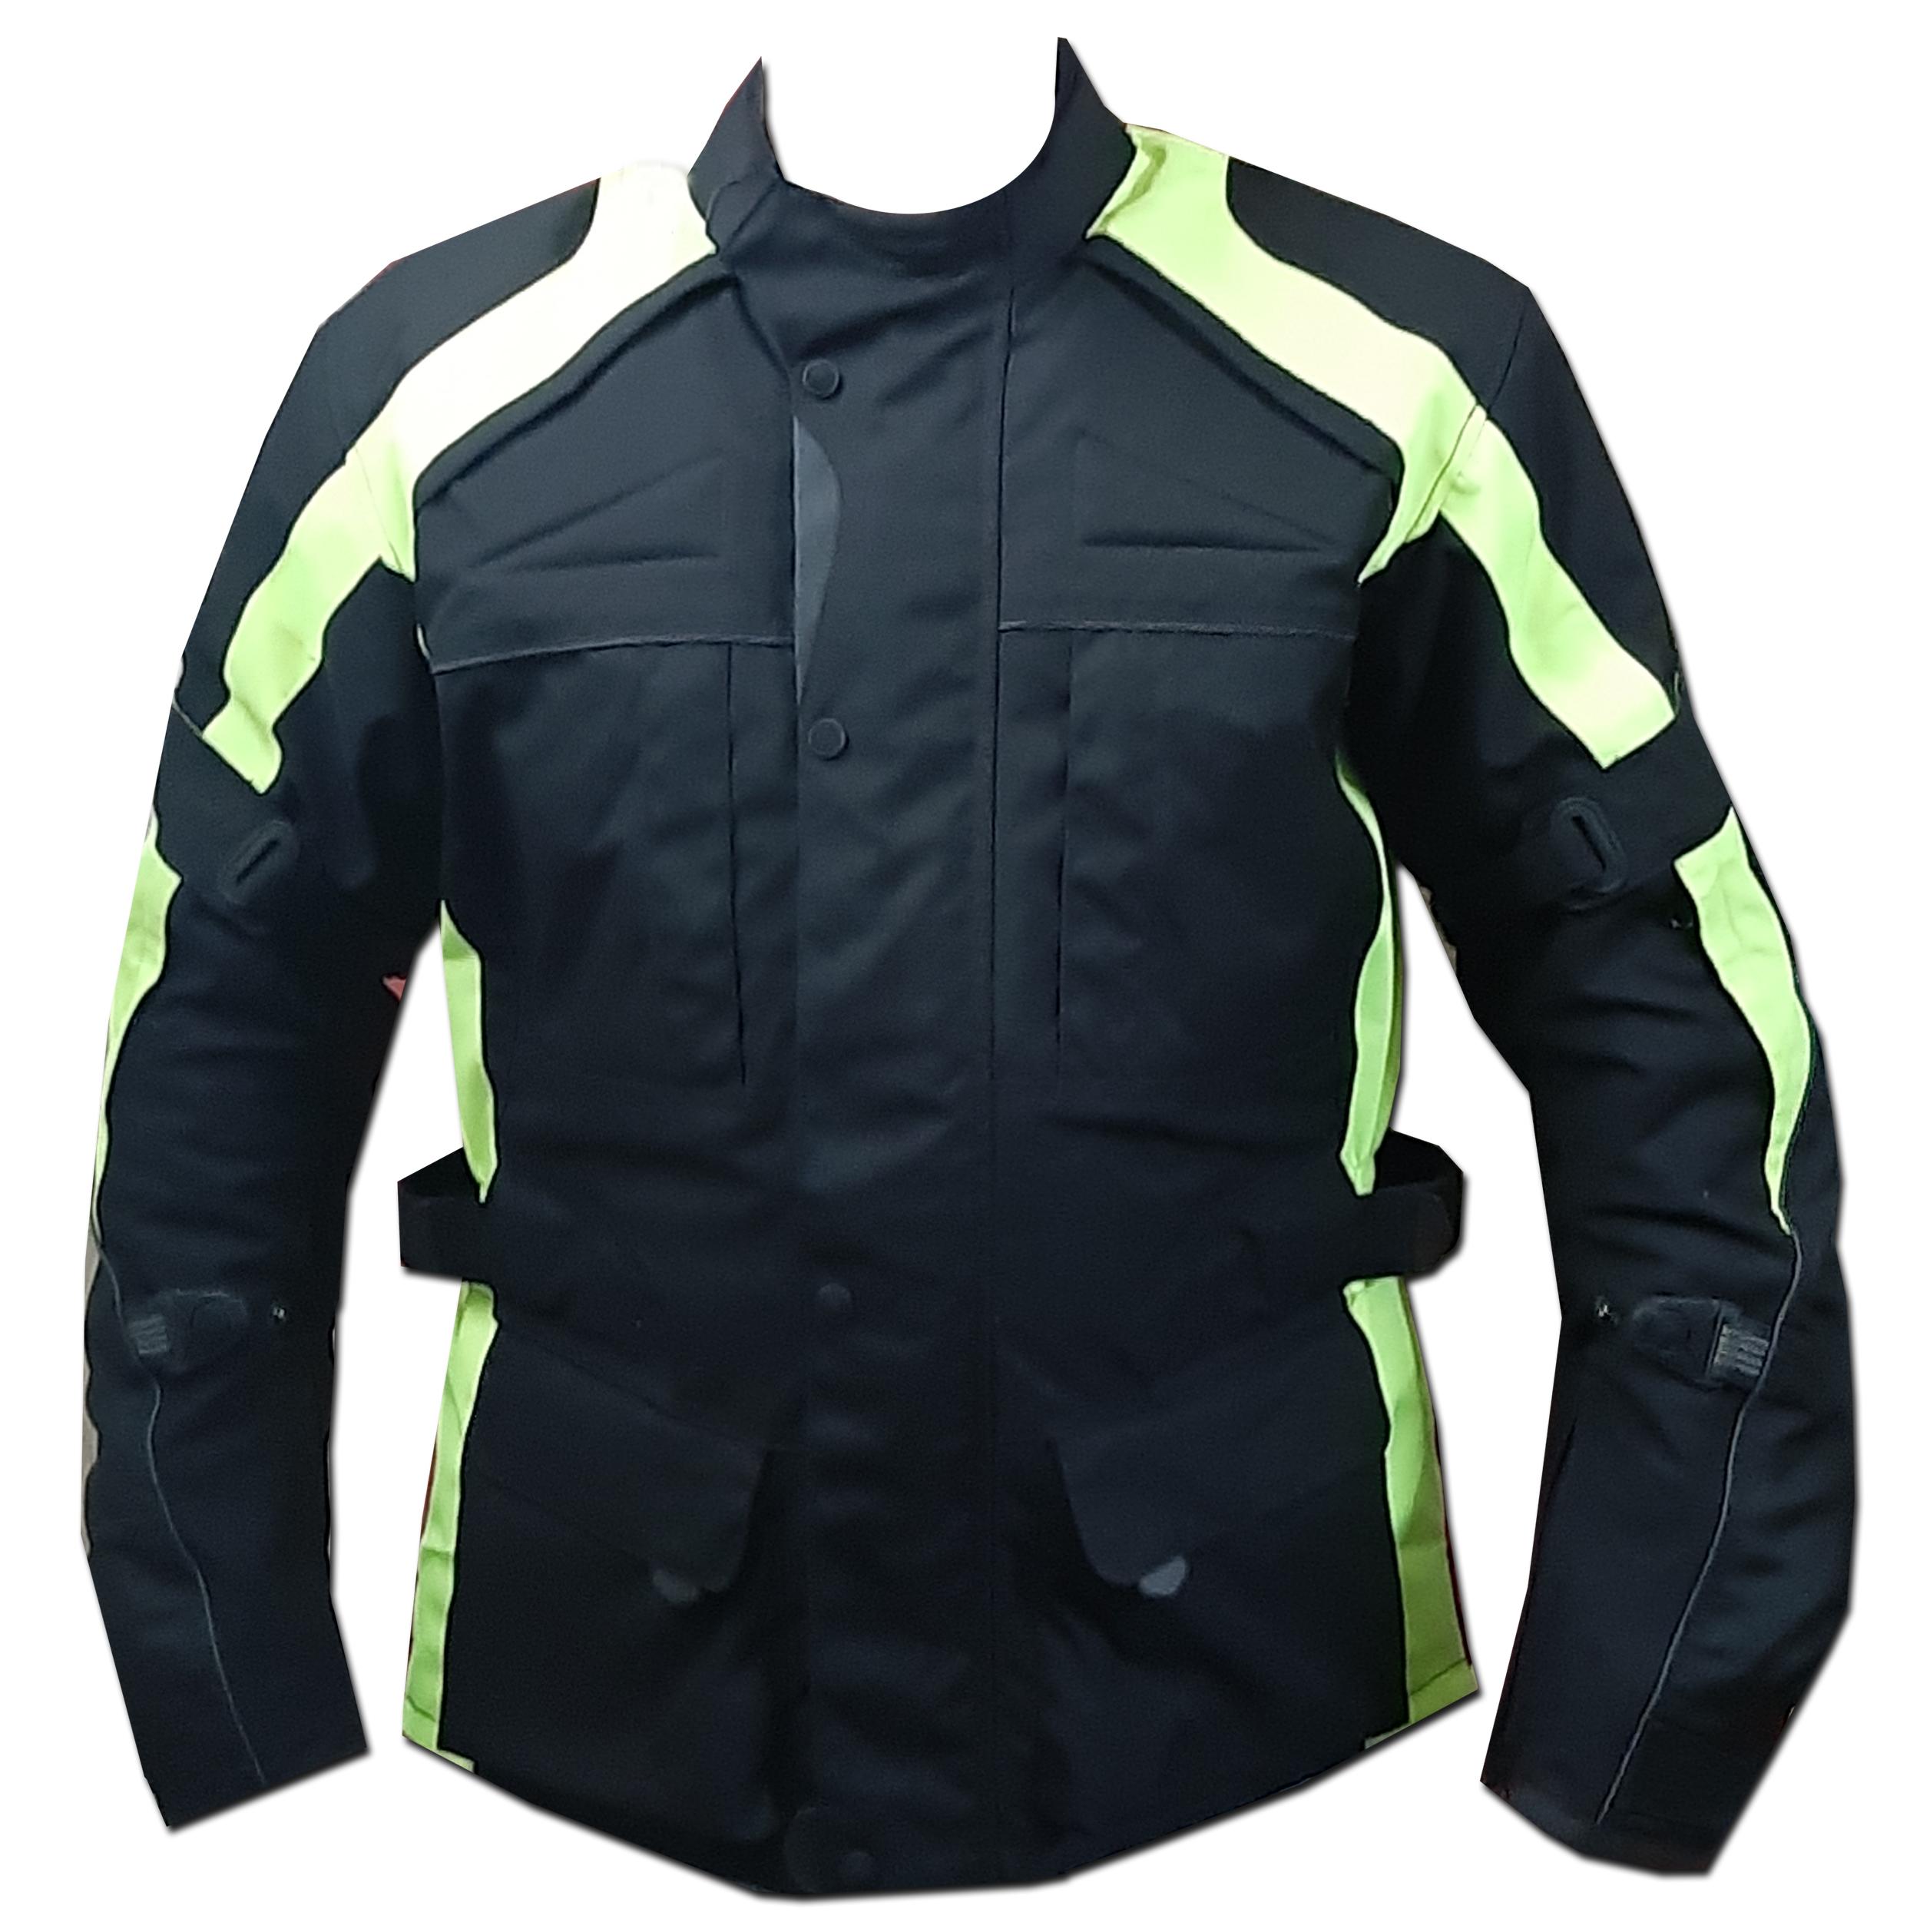 Urban Cordura Jackets